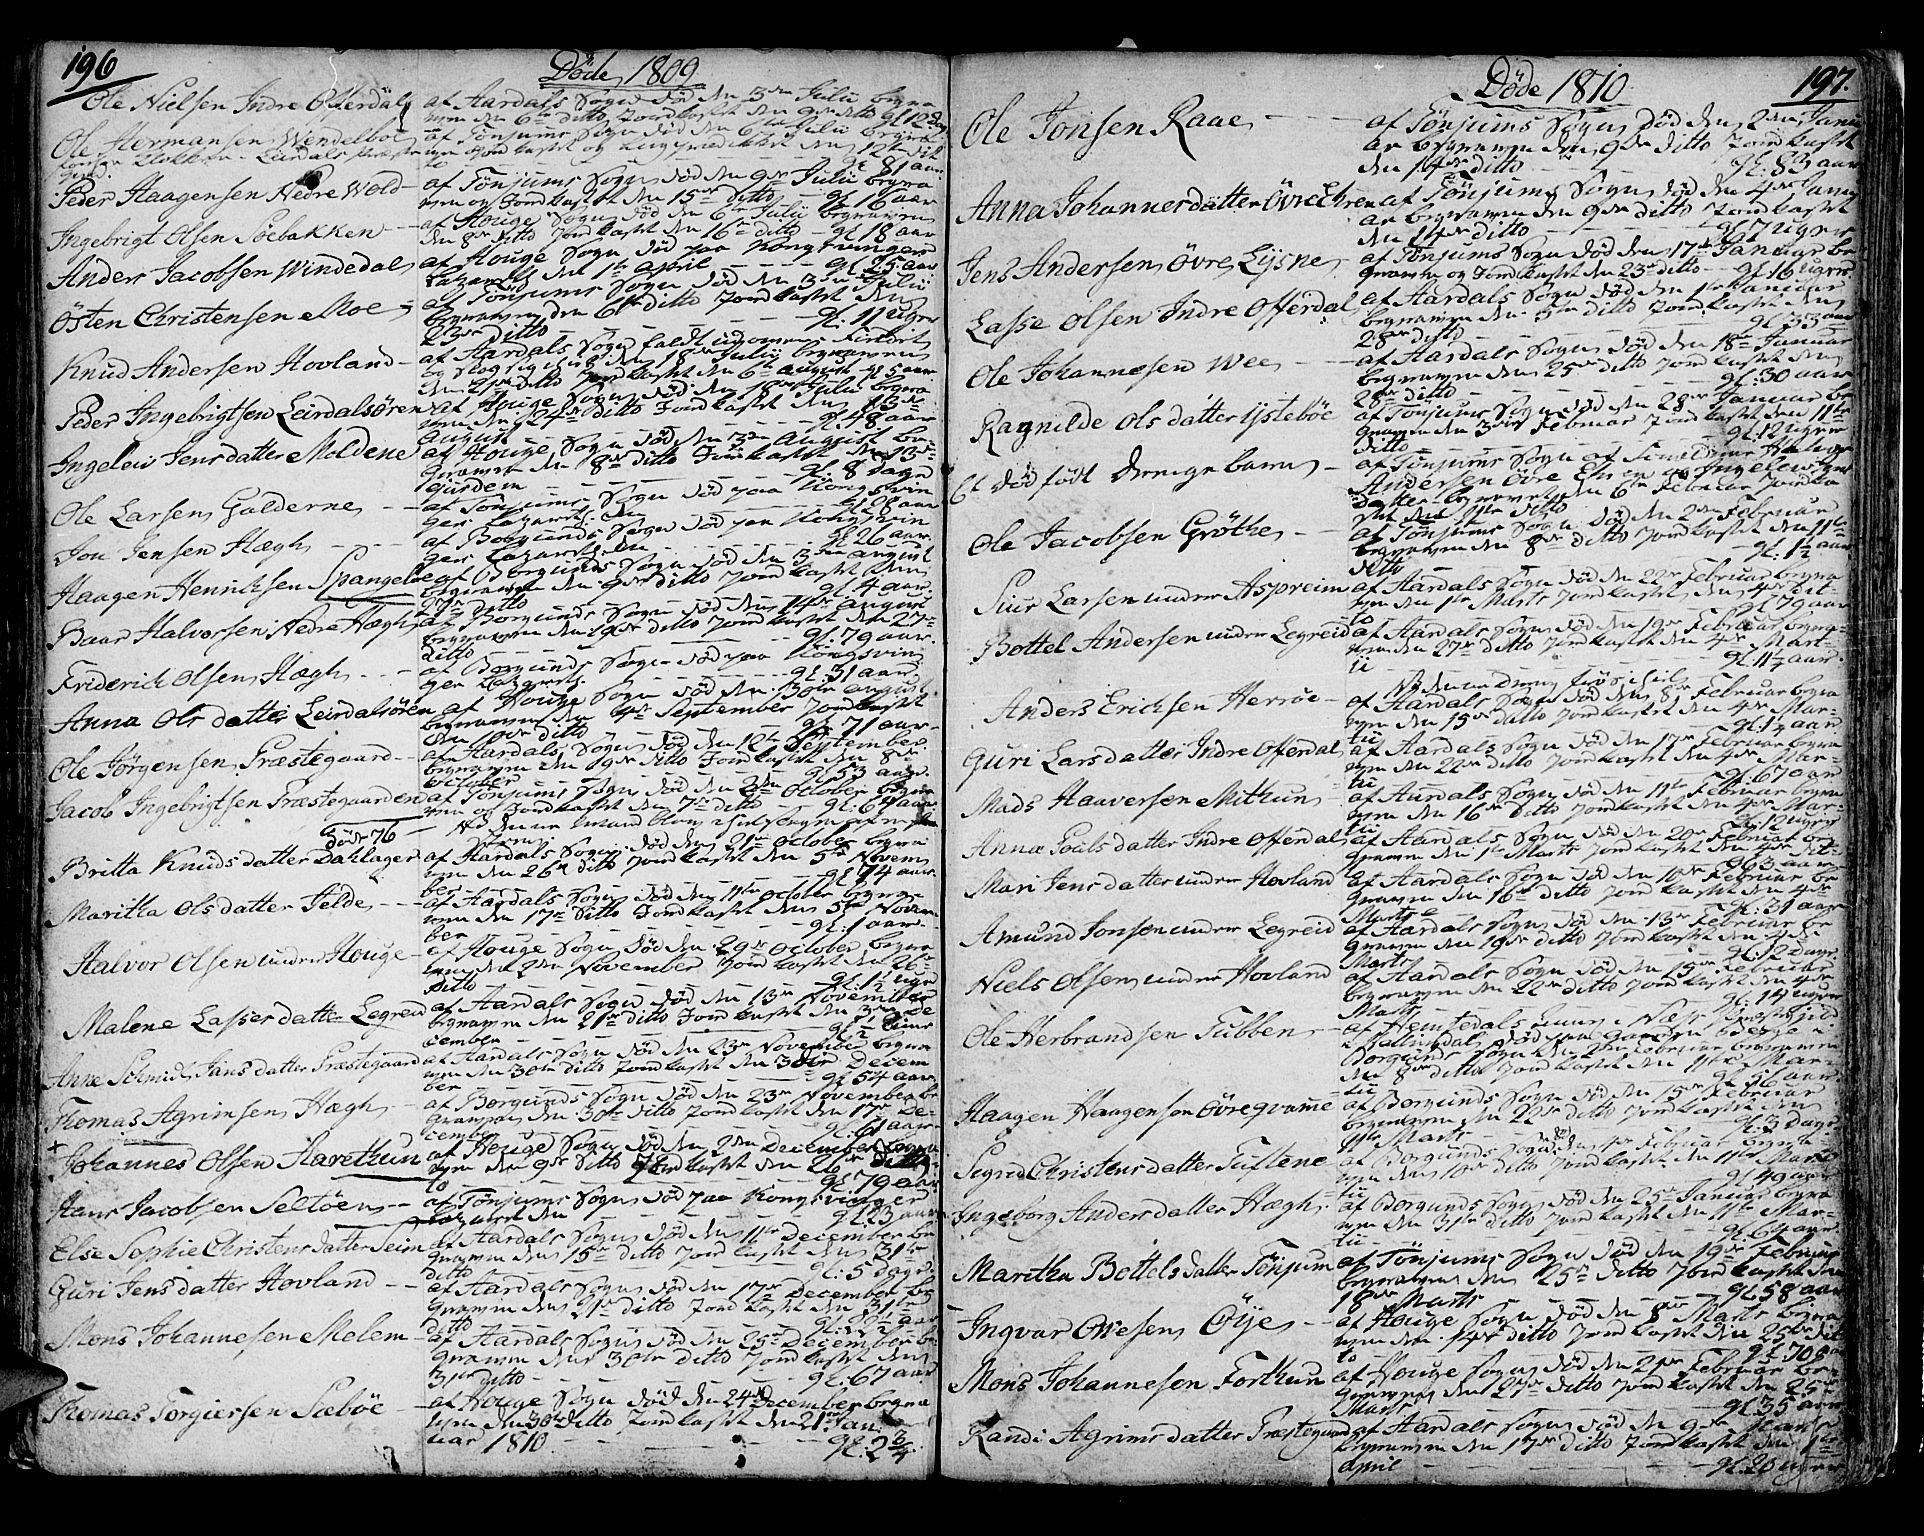 SAB, Lærdal sokneprestembete, Ministerialbok nr. A 4, 1805-1821, s. 196-197